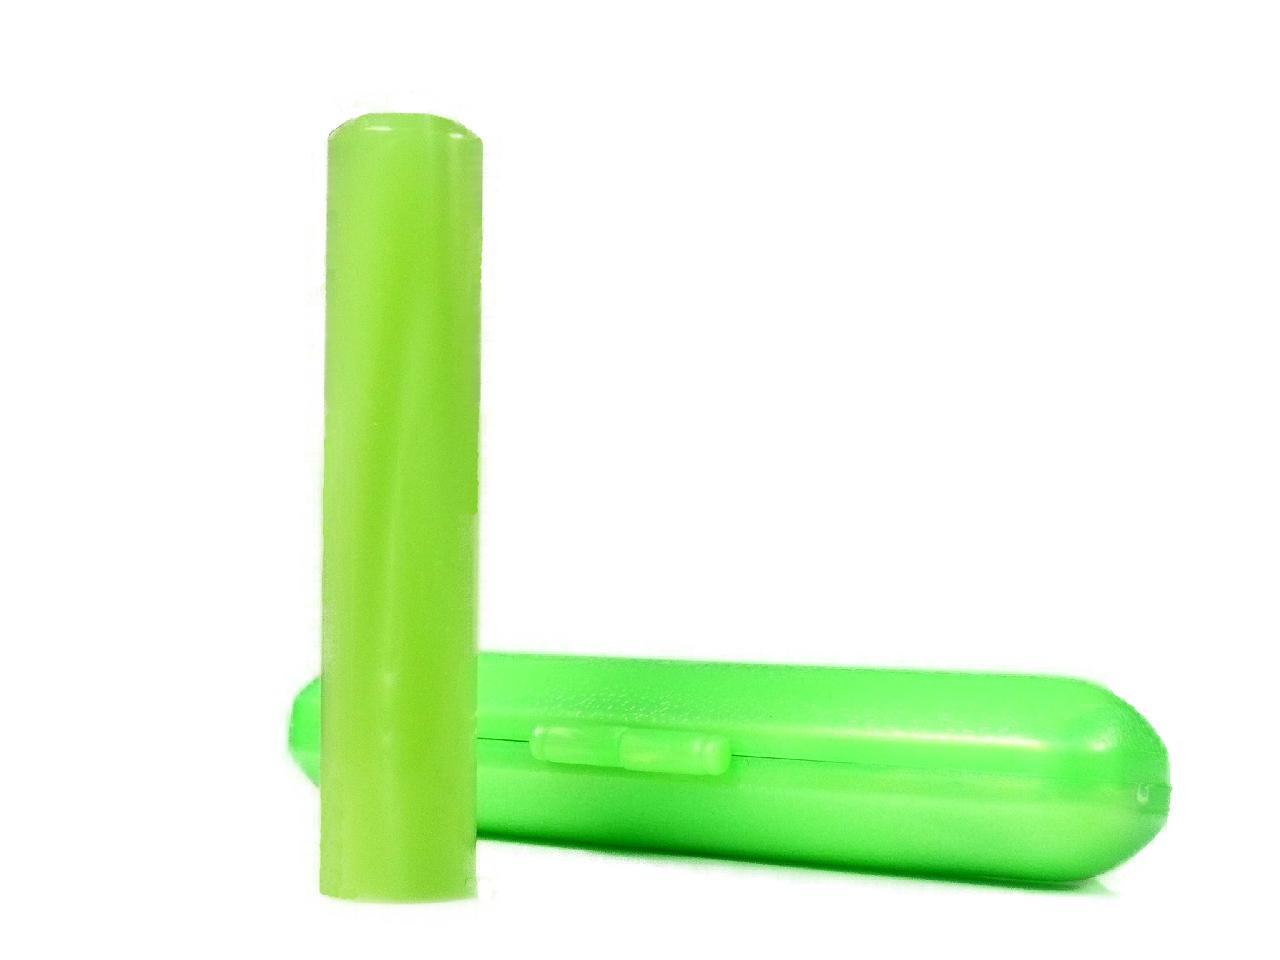 個人用 アクリルパール銀行印(黄緑)12.0×60mm専用ケース付